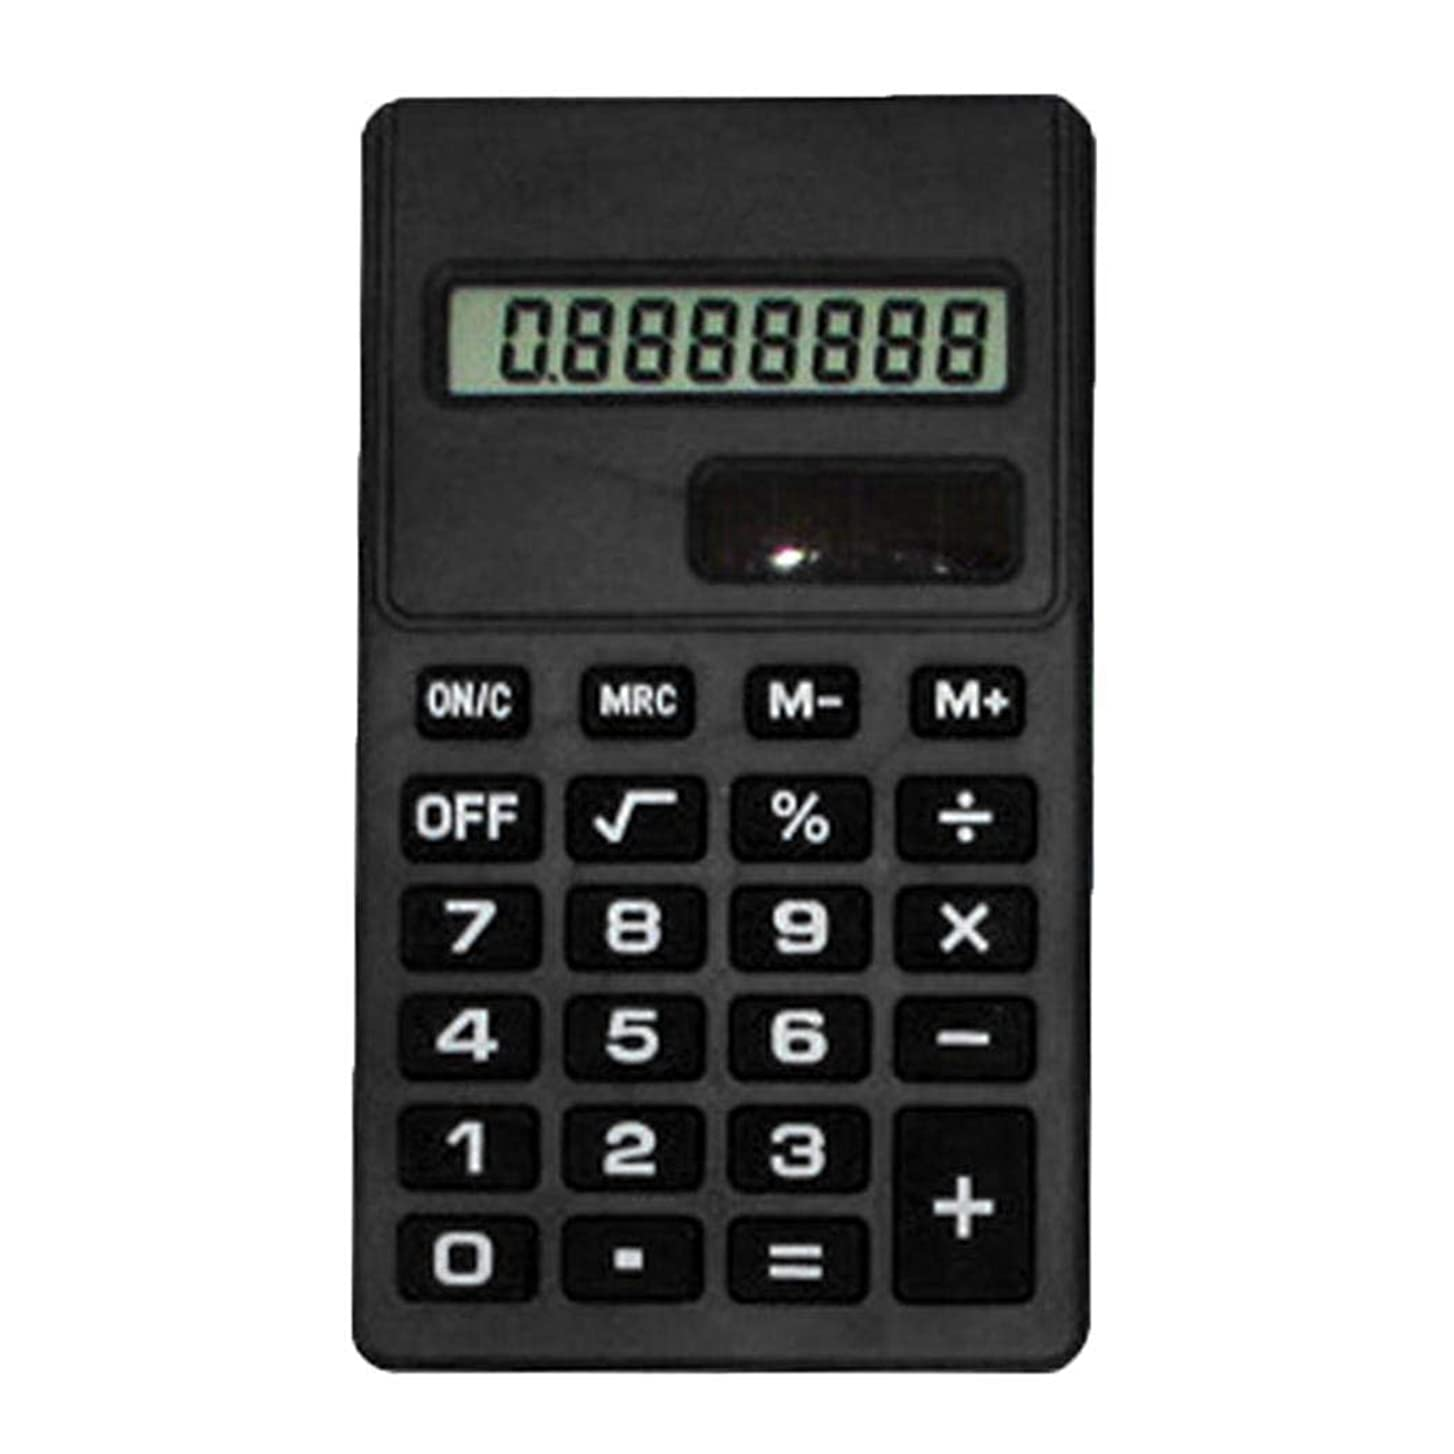 区別ドレインあいにくkiloid 8桁 シリコーン ミニ 電子計算機 学生 オフィス用品 ベーシック, 9.5 x 5.5cm/3.74 x 2.17inch (Approx.), KLMB043785_B##@